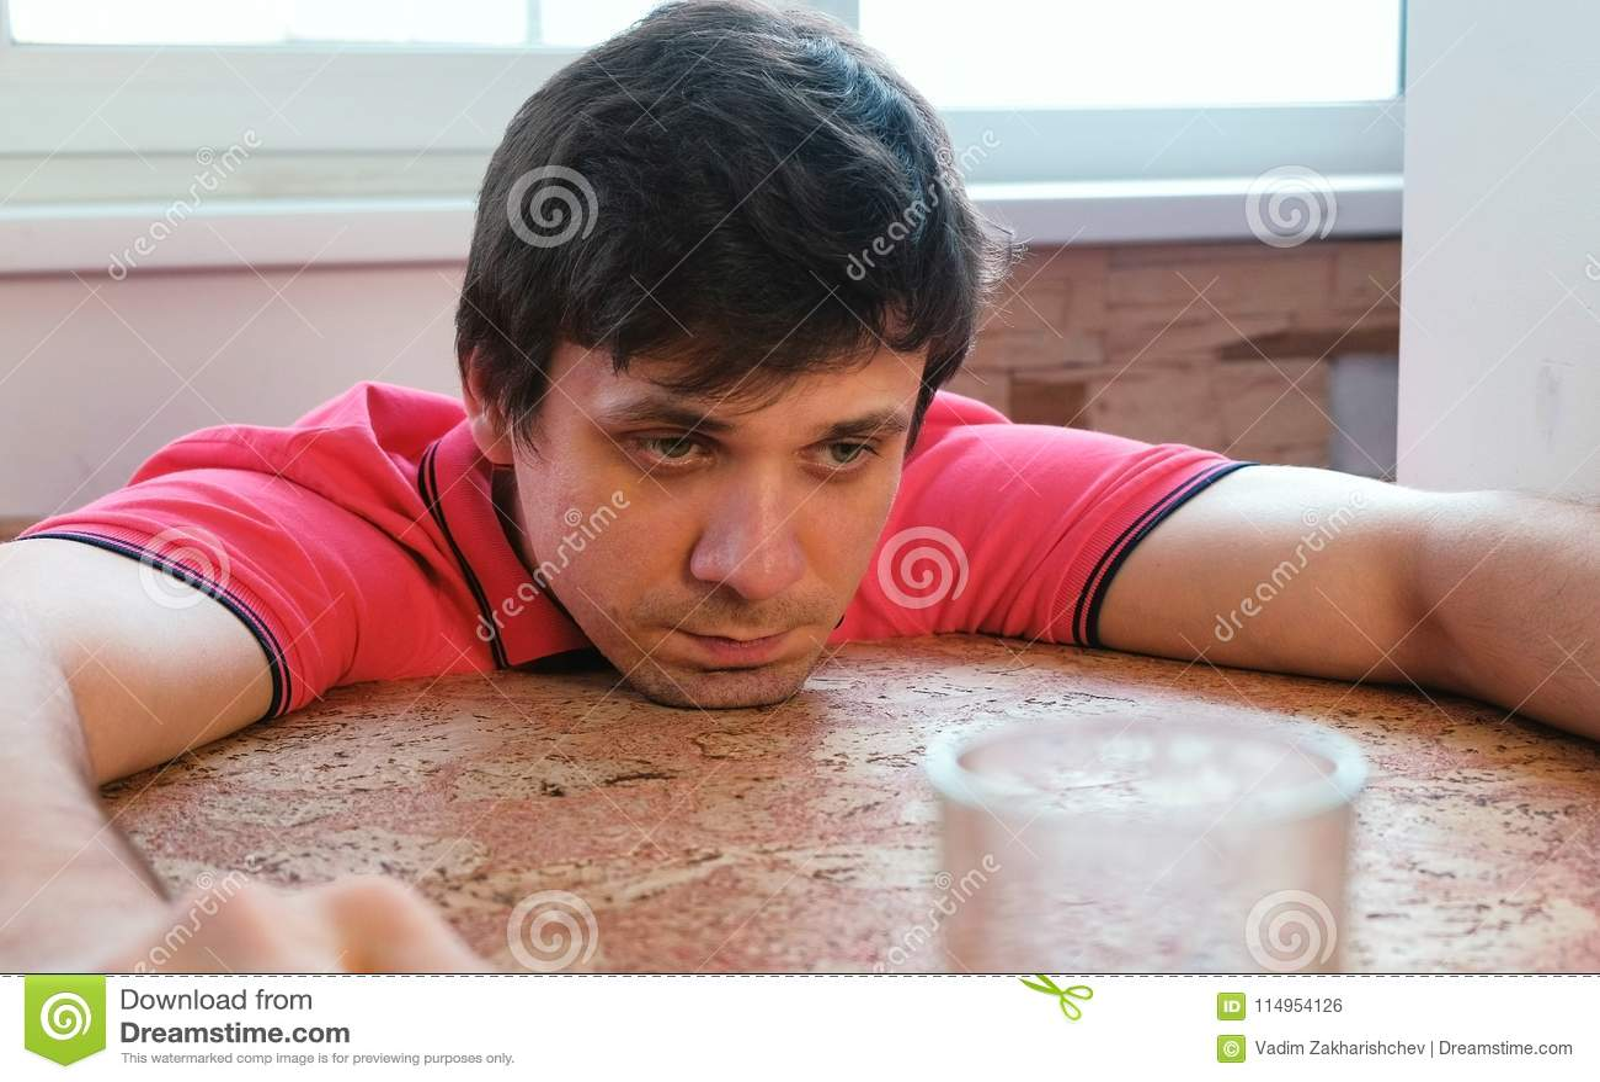 Sfrustowany mężczyzna siedzi na chybienie i balkonie